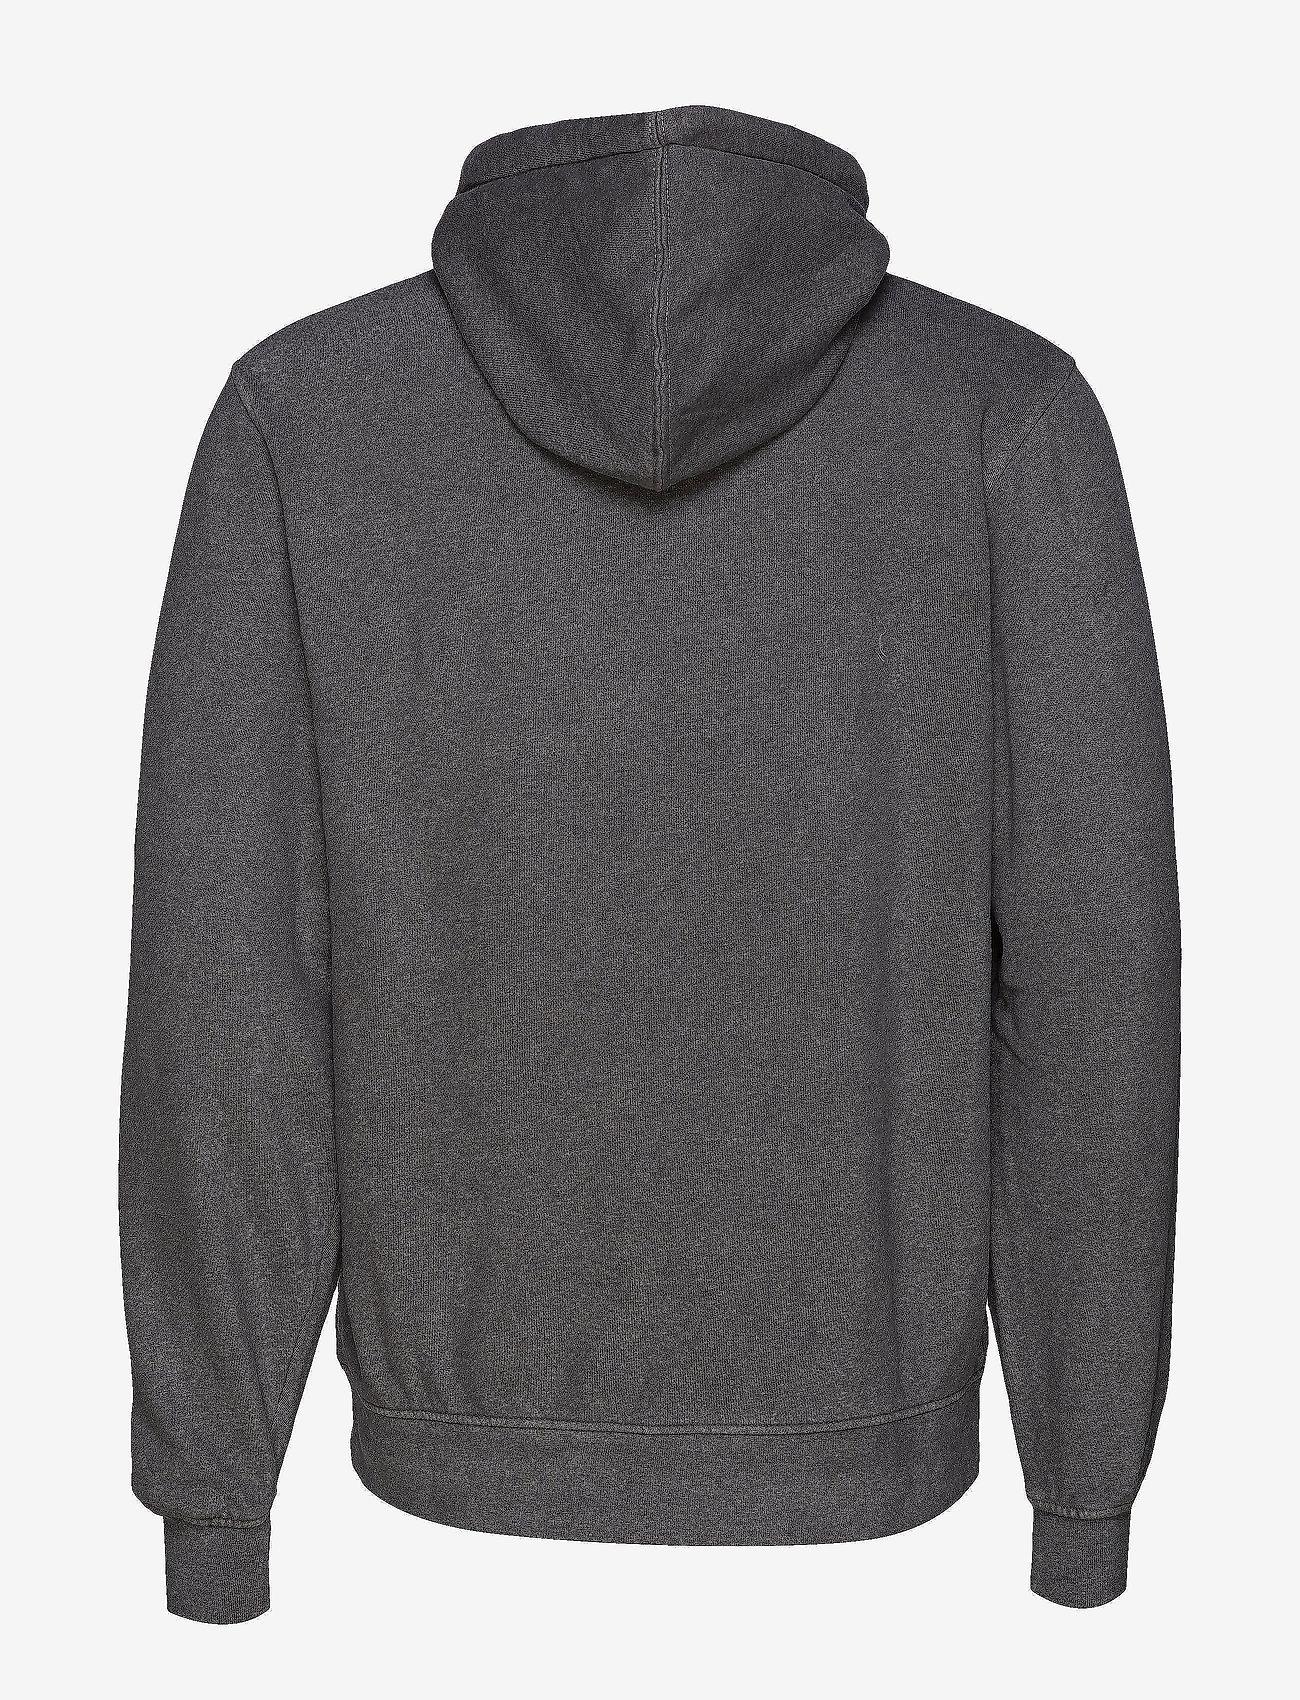 HAN Kjøbenhavn Casual Hoodie - Sweatshirts DARK GREY - Menn Klær